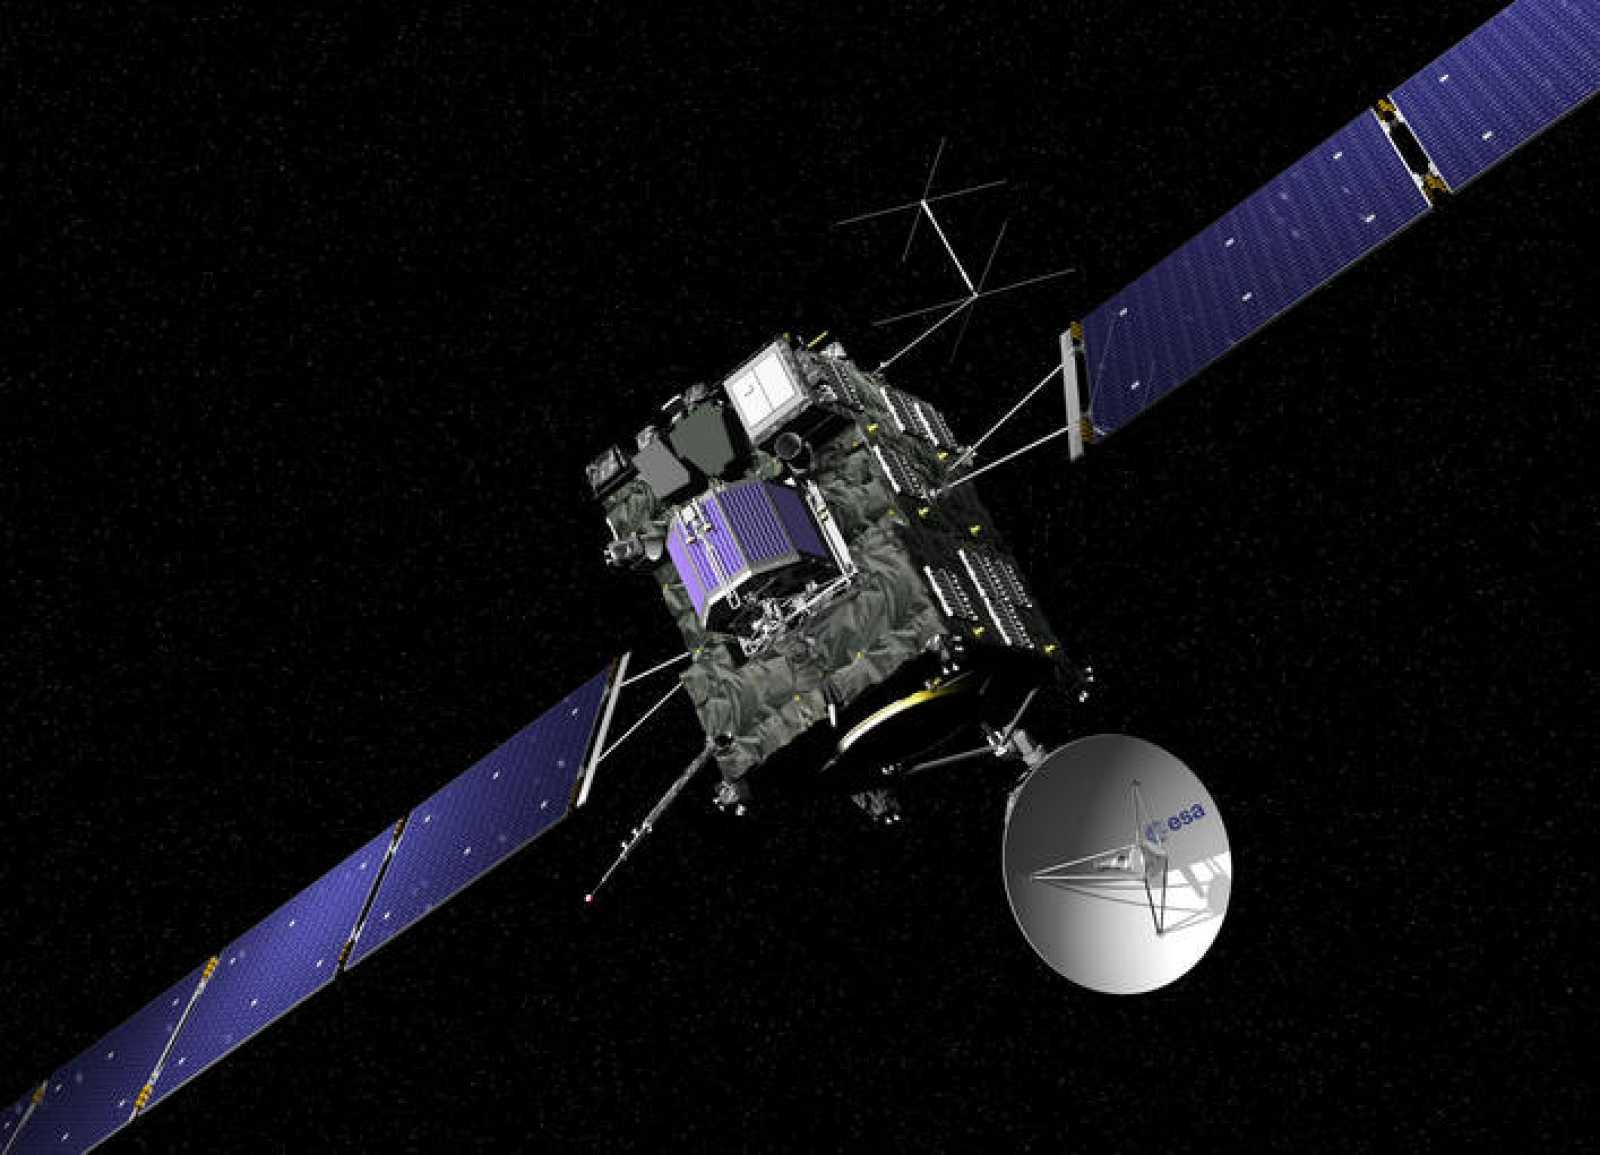 Ilustración de la sonda Rosetta en el espacio.